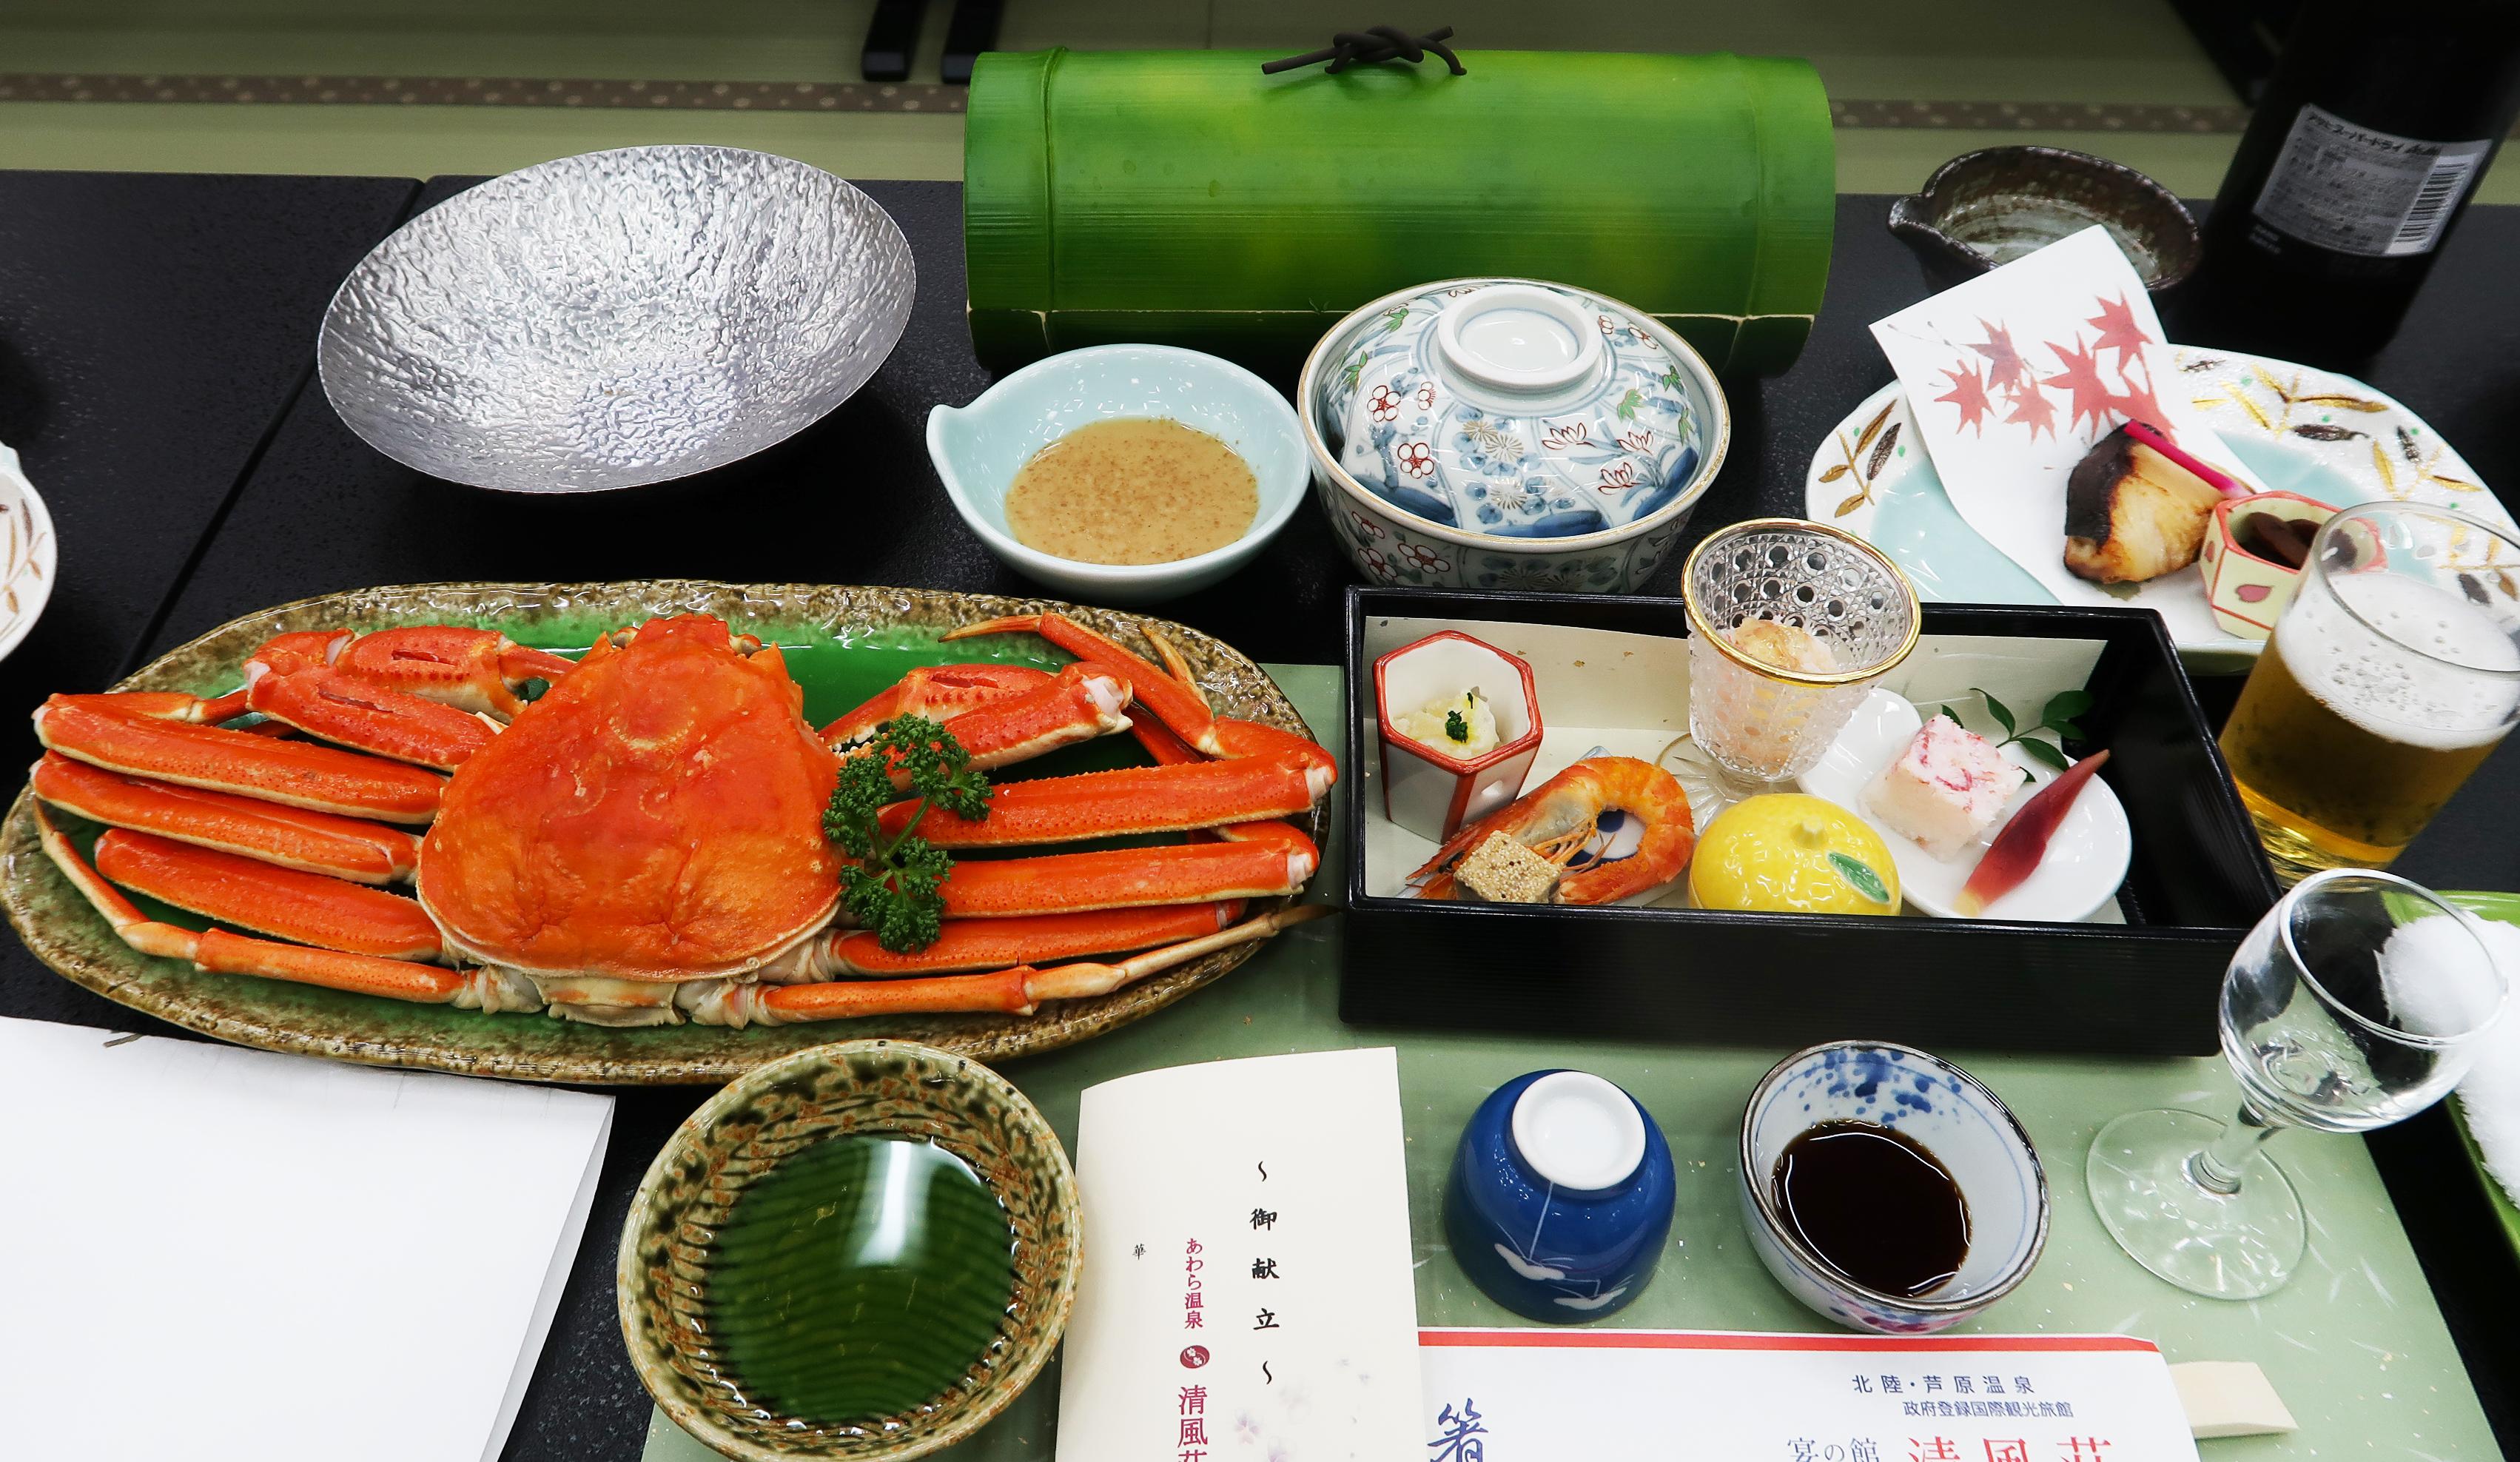 【編集部ブログ(大阪)】冬の北陸!取材旅行記(前編)